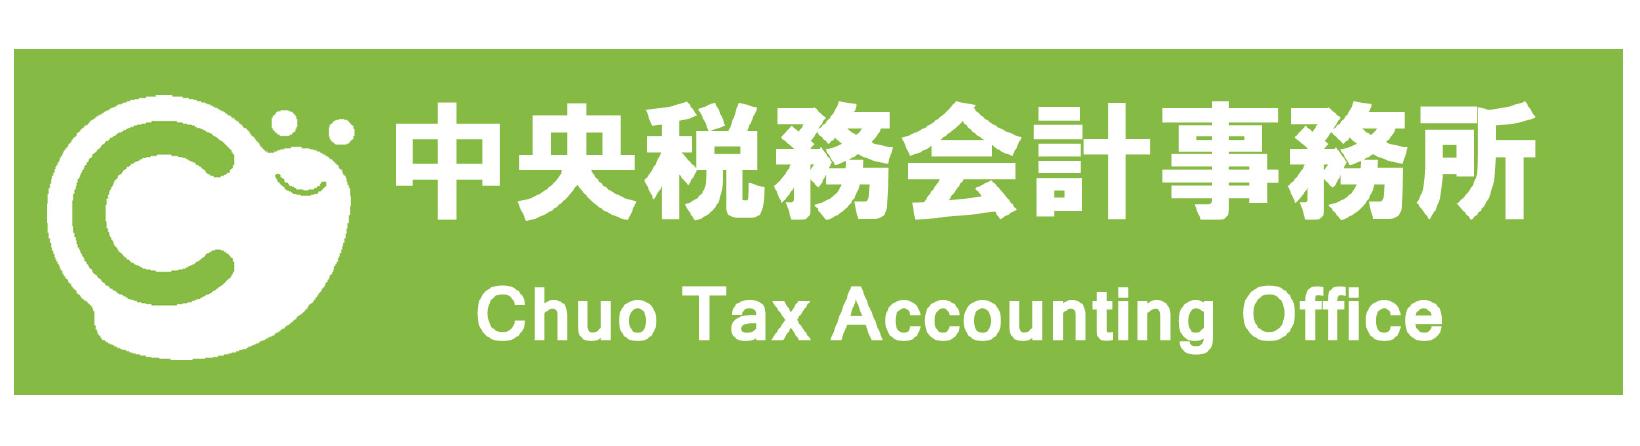 中央税務会計事務所